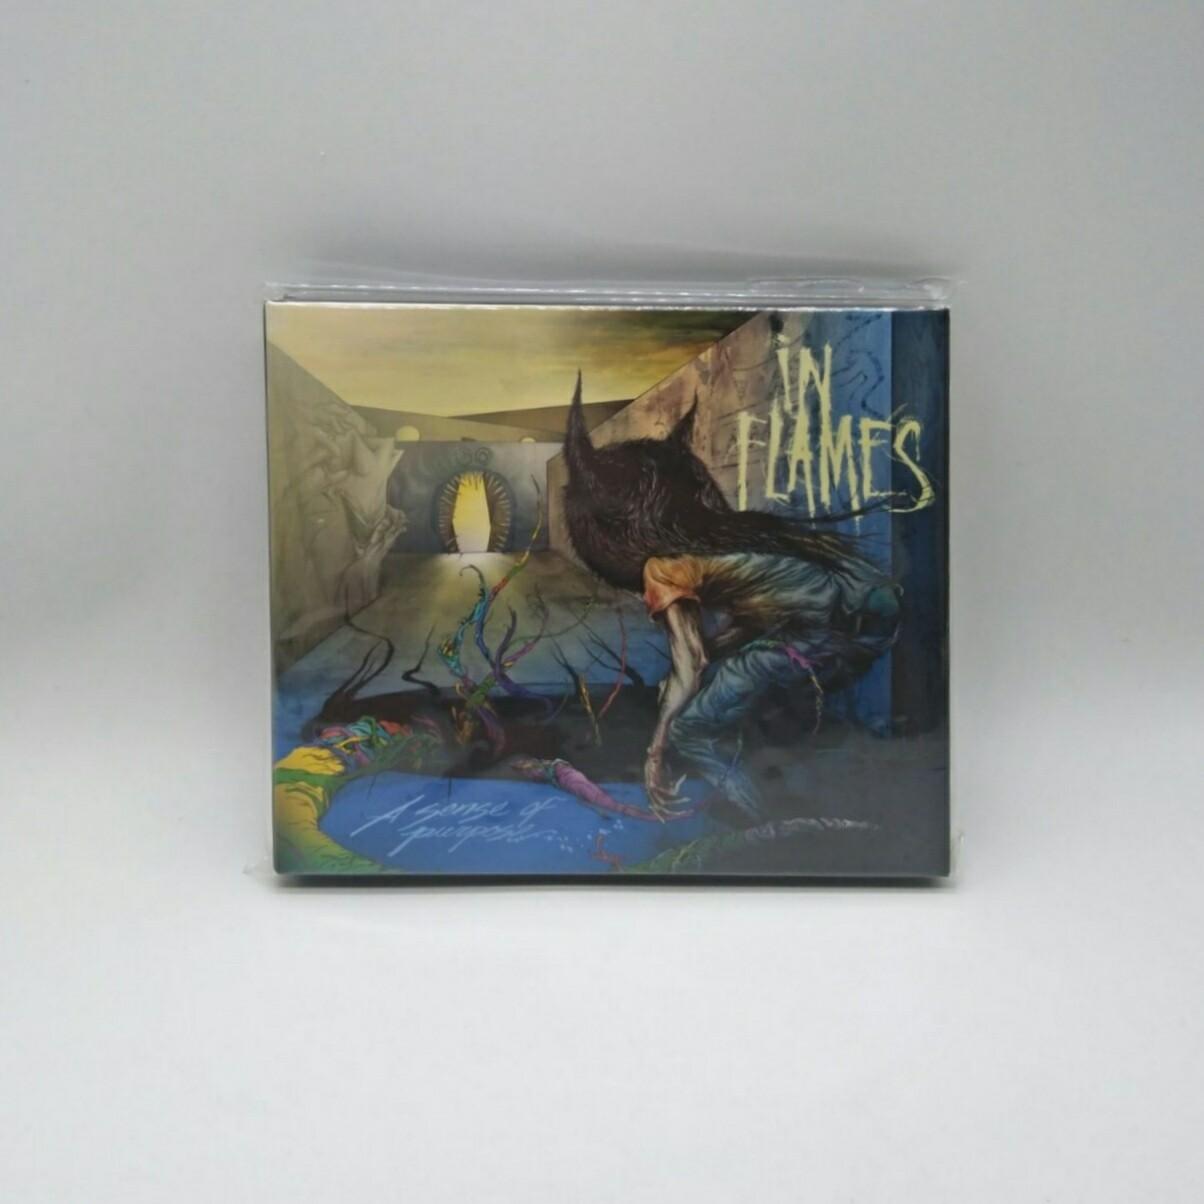 [USED] IN FLAMES -A SENSE OF PURPOSE- CD (JAPAN PRESS)